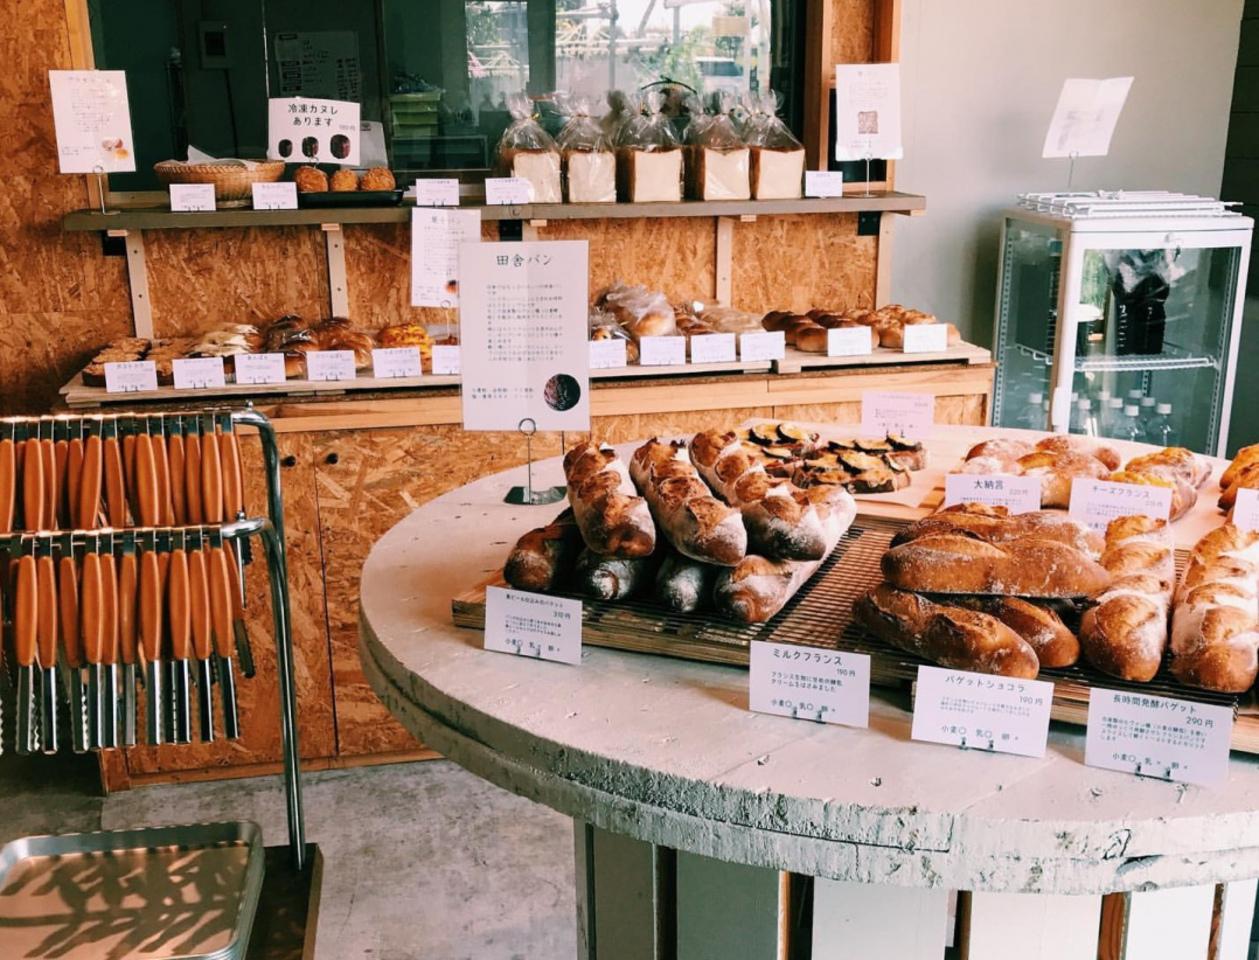 パン、焼き菓子、喫茶のお店...岐阜県本巣市下福島に『オガワベイク』オープン